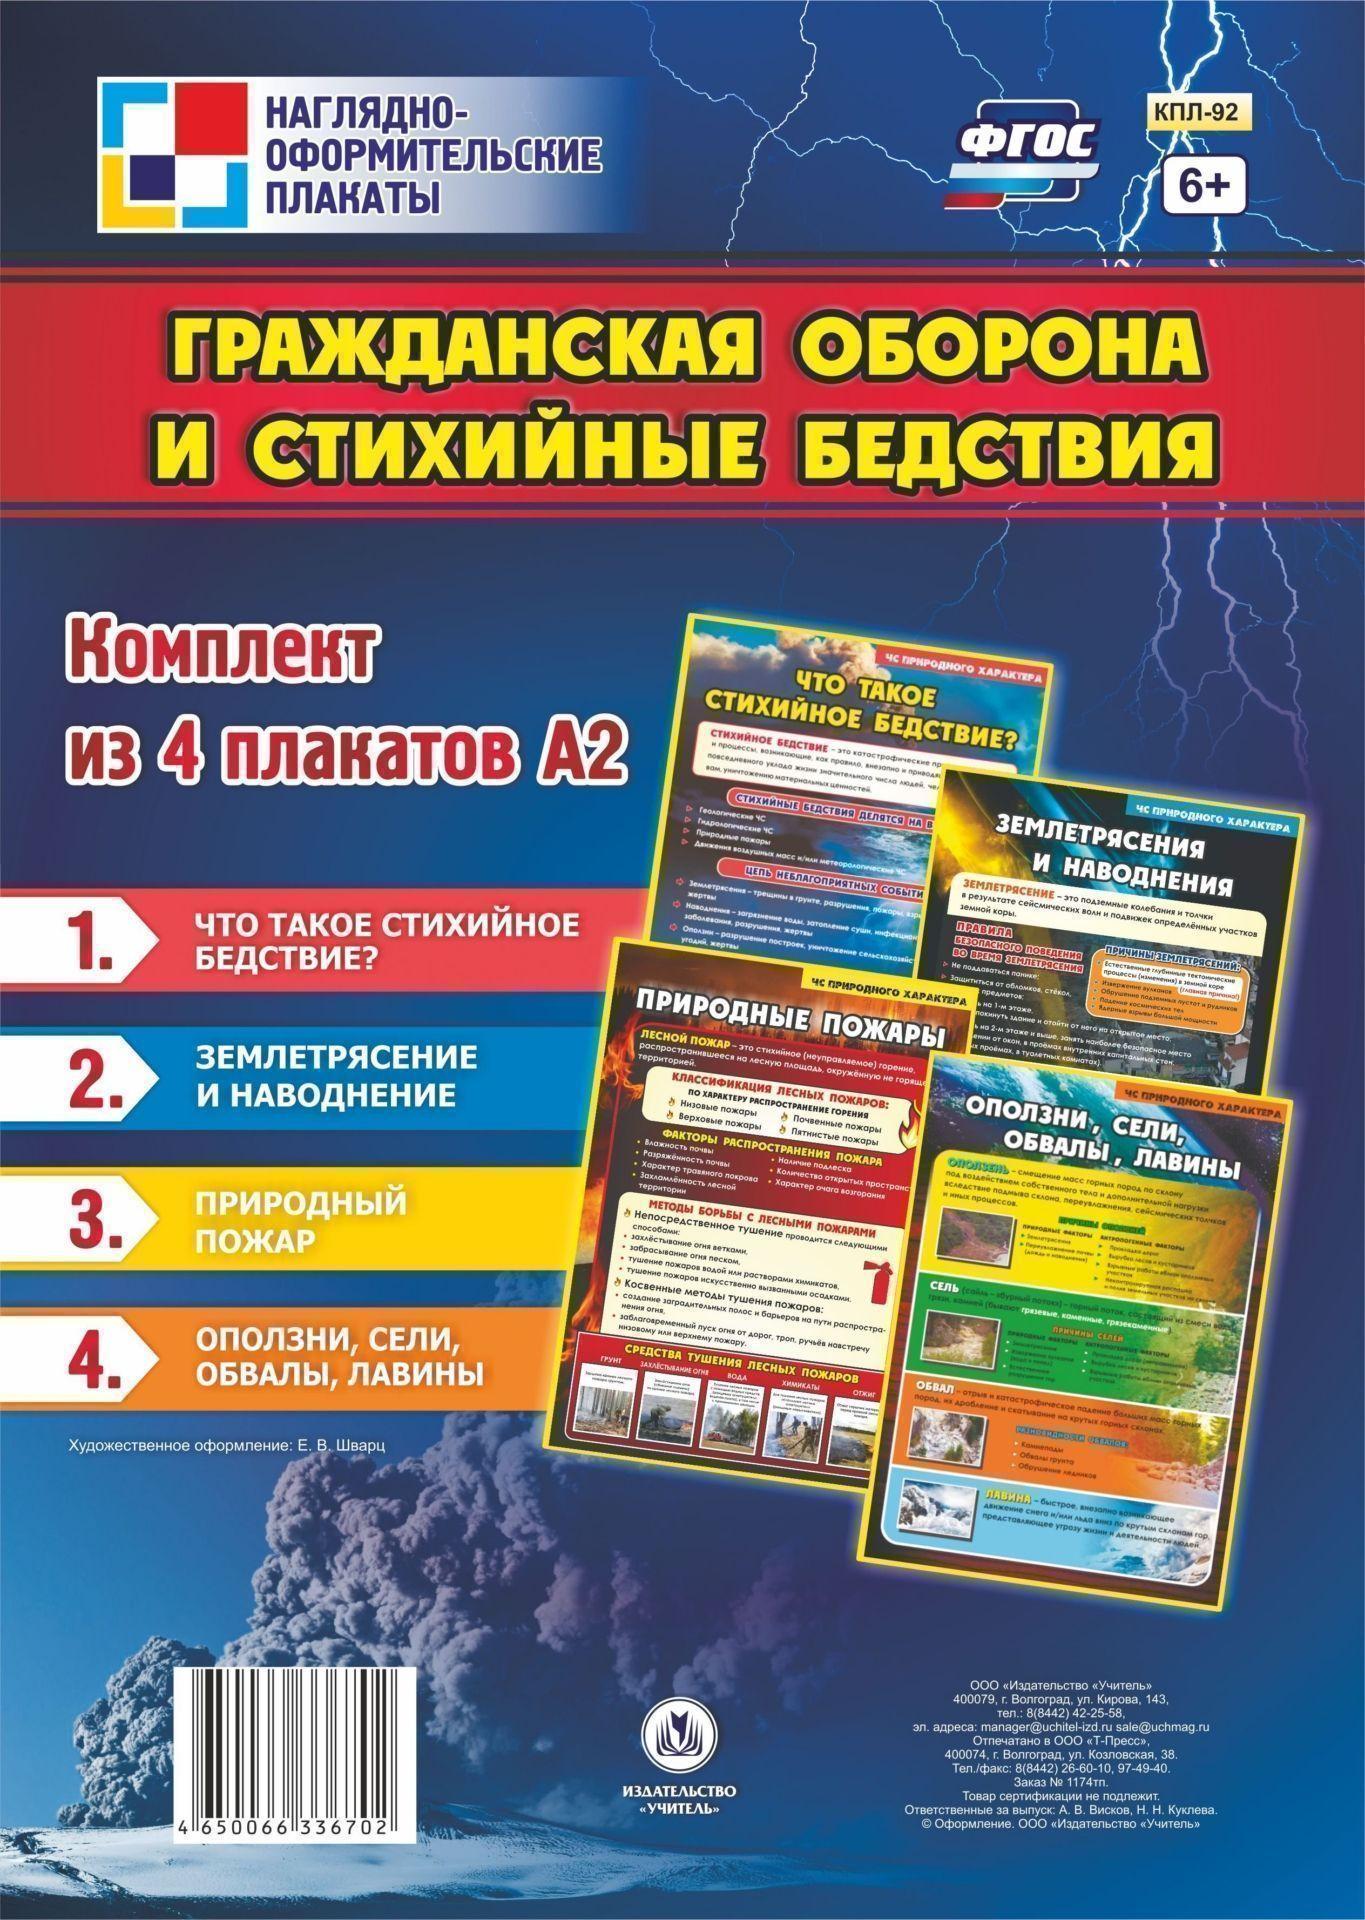 Комплект плакатов Гражданская оборона и стихийные бедствия: 4 плакатаПлакаты, постеры, карты<br>.<br><br>Год: 2017<br>Серия: Наглядно-оформительские плакаты<br>Высота: 594<br>Ширина: 420<br>Переплёт: набор